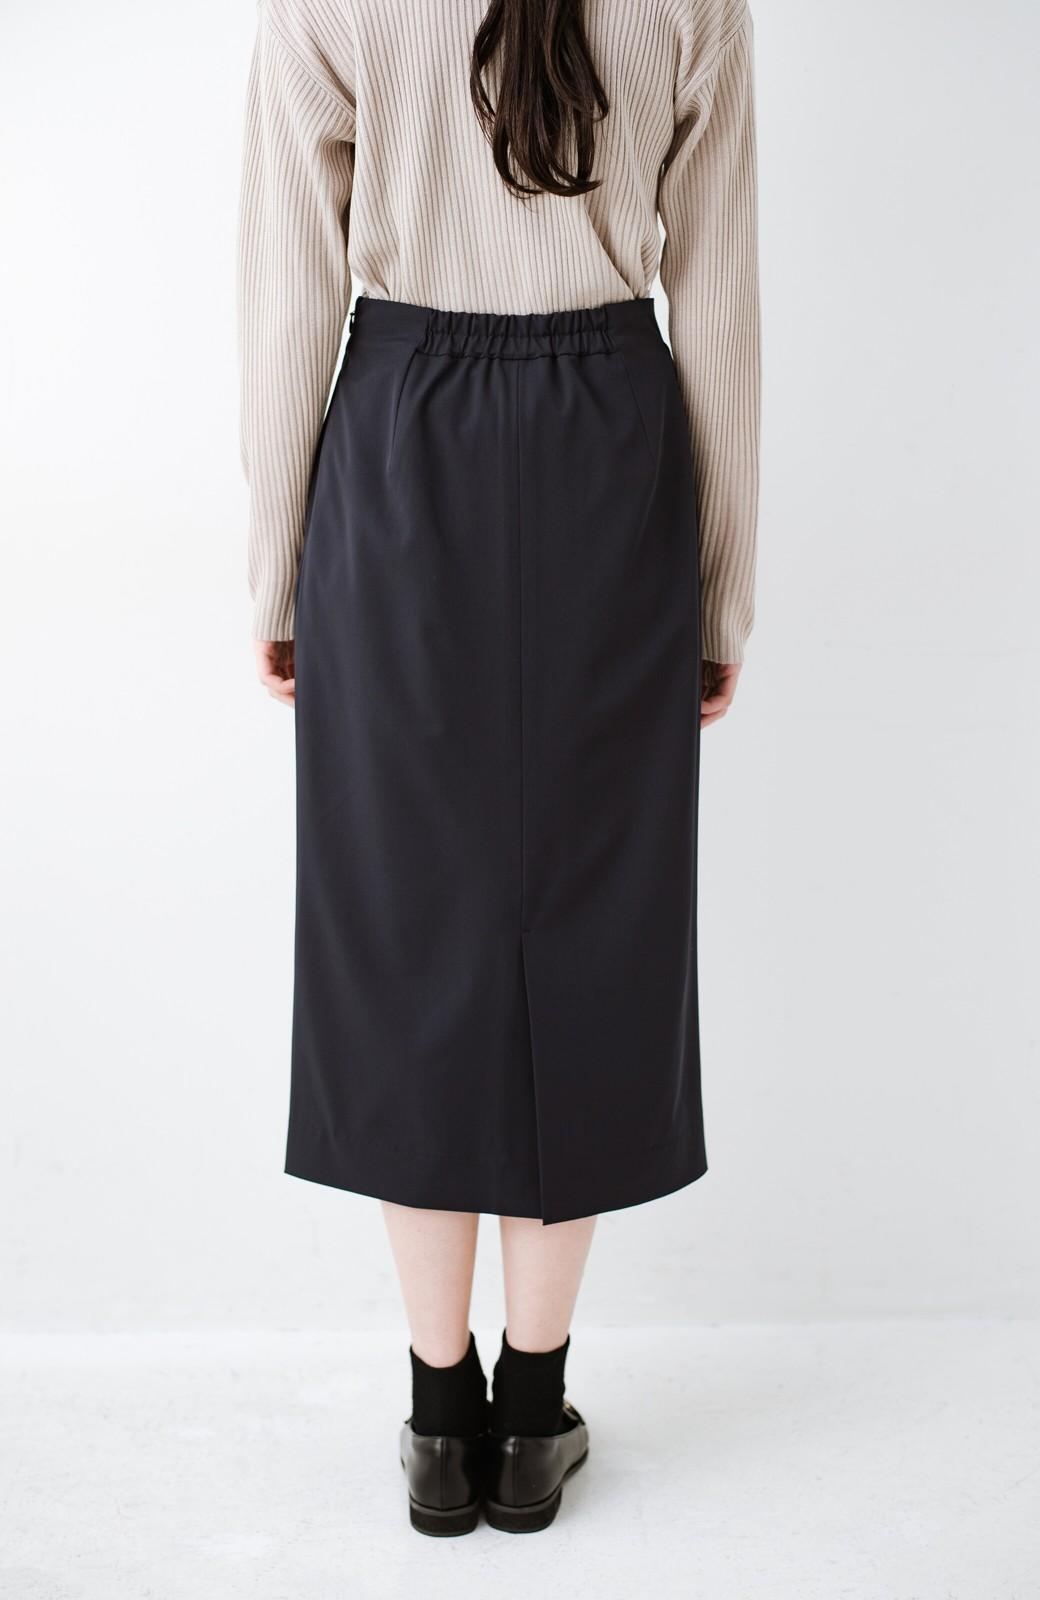 haco! 真面目すぎずにきちんと見えする サスペンダー付きタイトスカート by que made me <ネイビー>の商品写真10